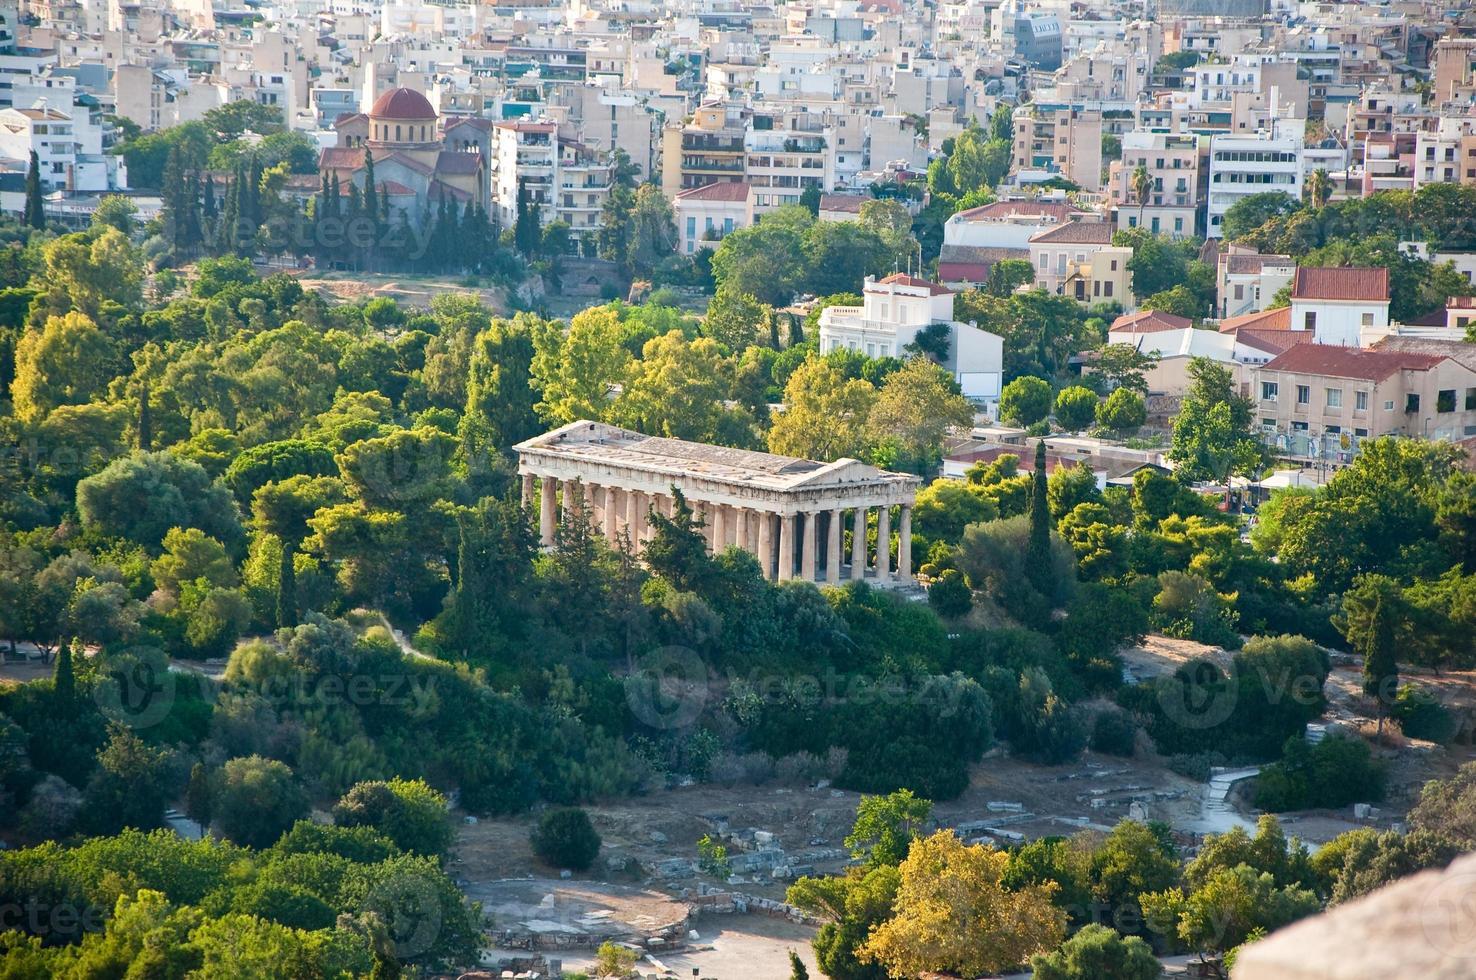 hephaestus tempel i forntida agora från areopagus. foto